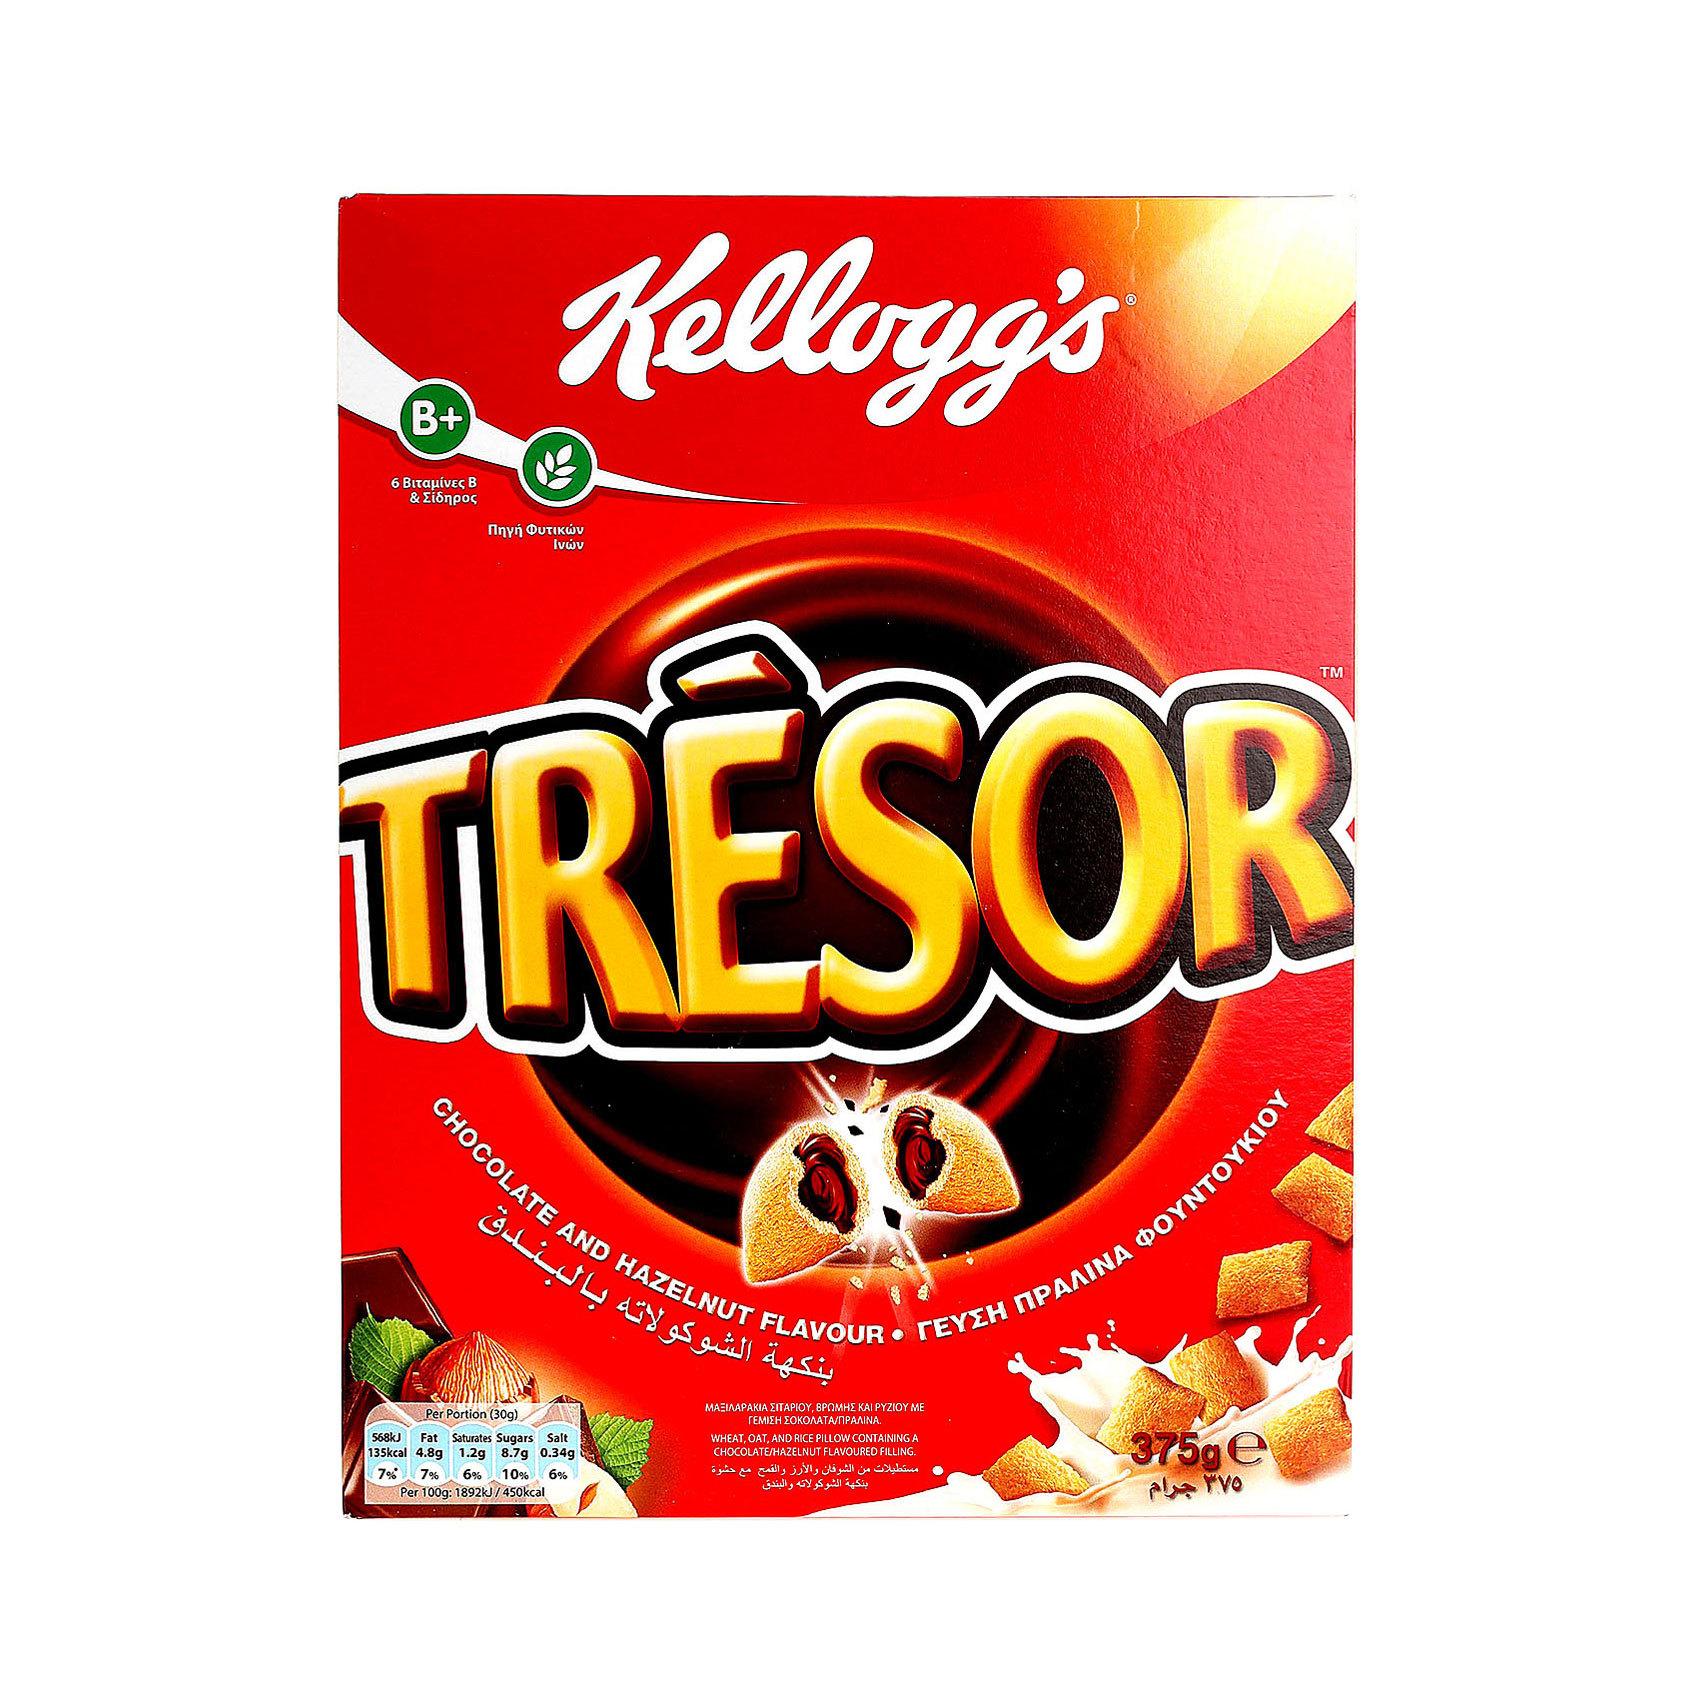 KELLOGG'S TRESOR CHOC HAZELNUT 375G